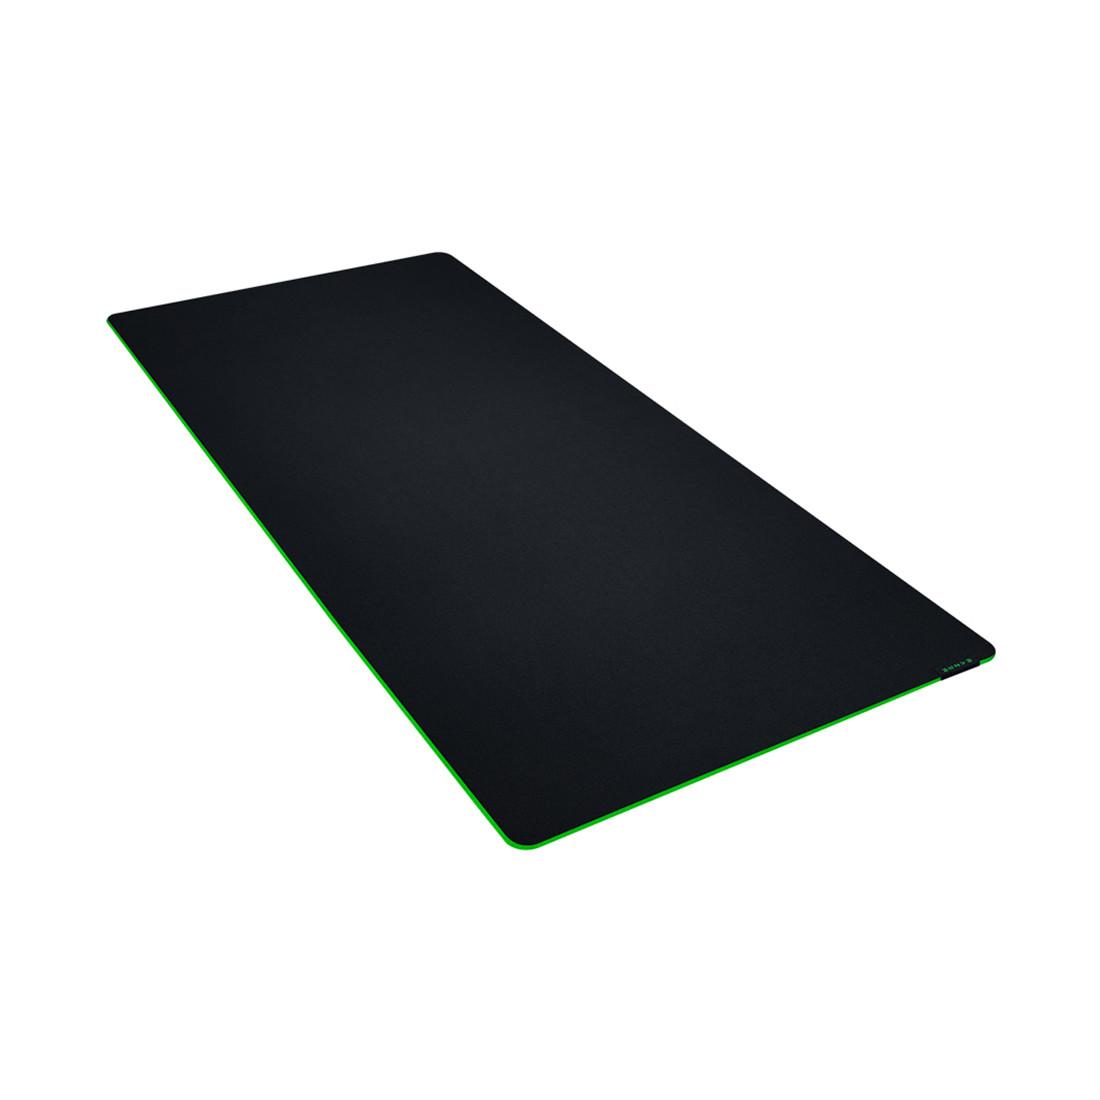 Коврик для компьютерной мыши Razer Gigantus V2 3XL